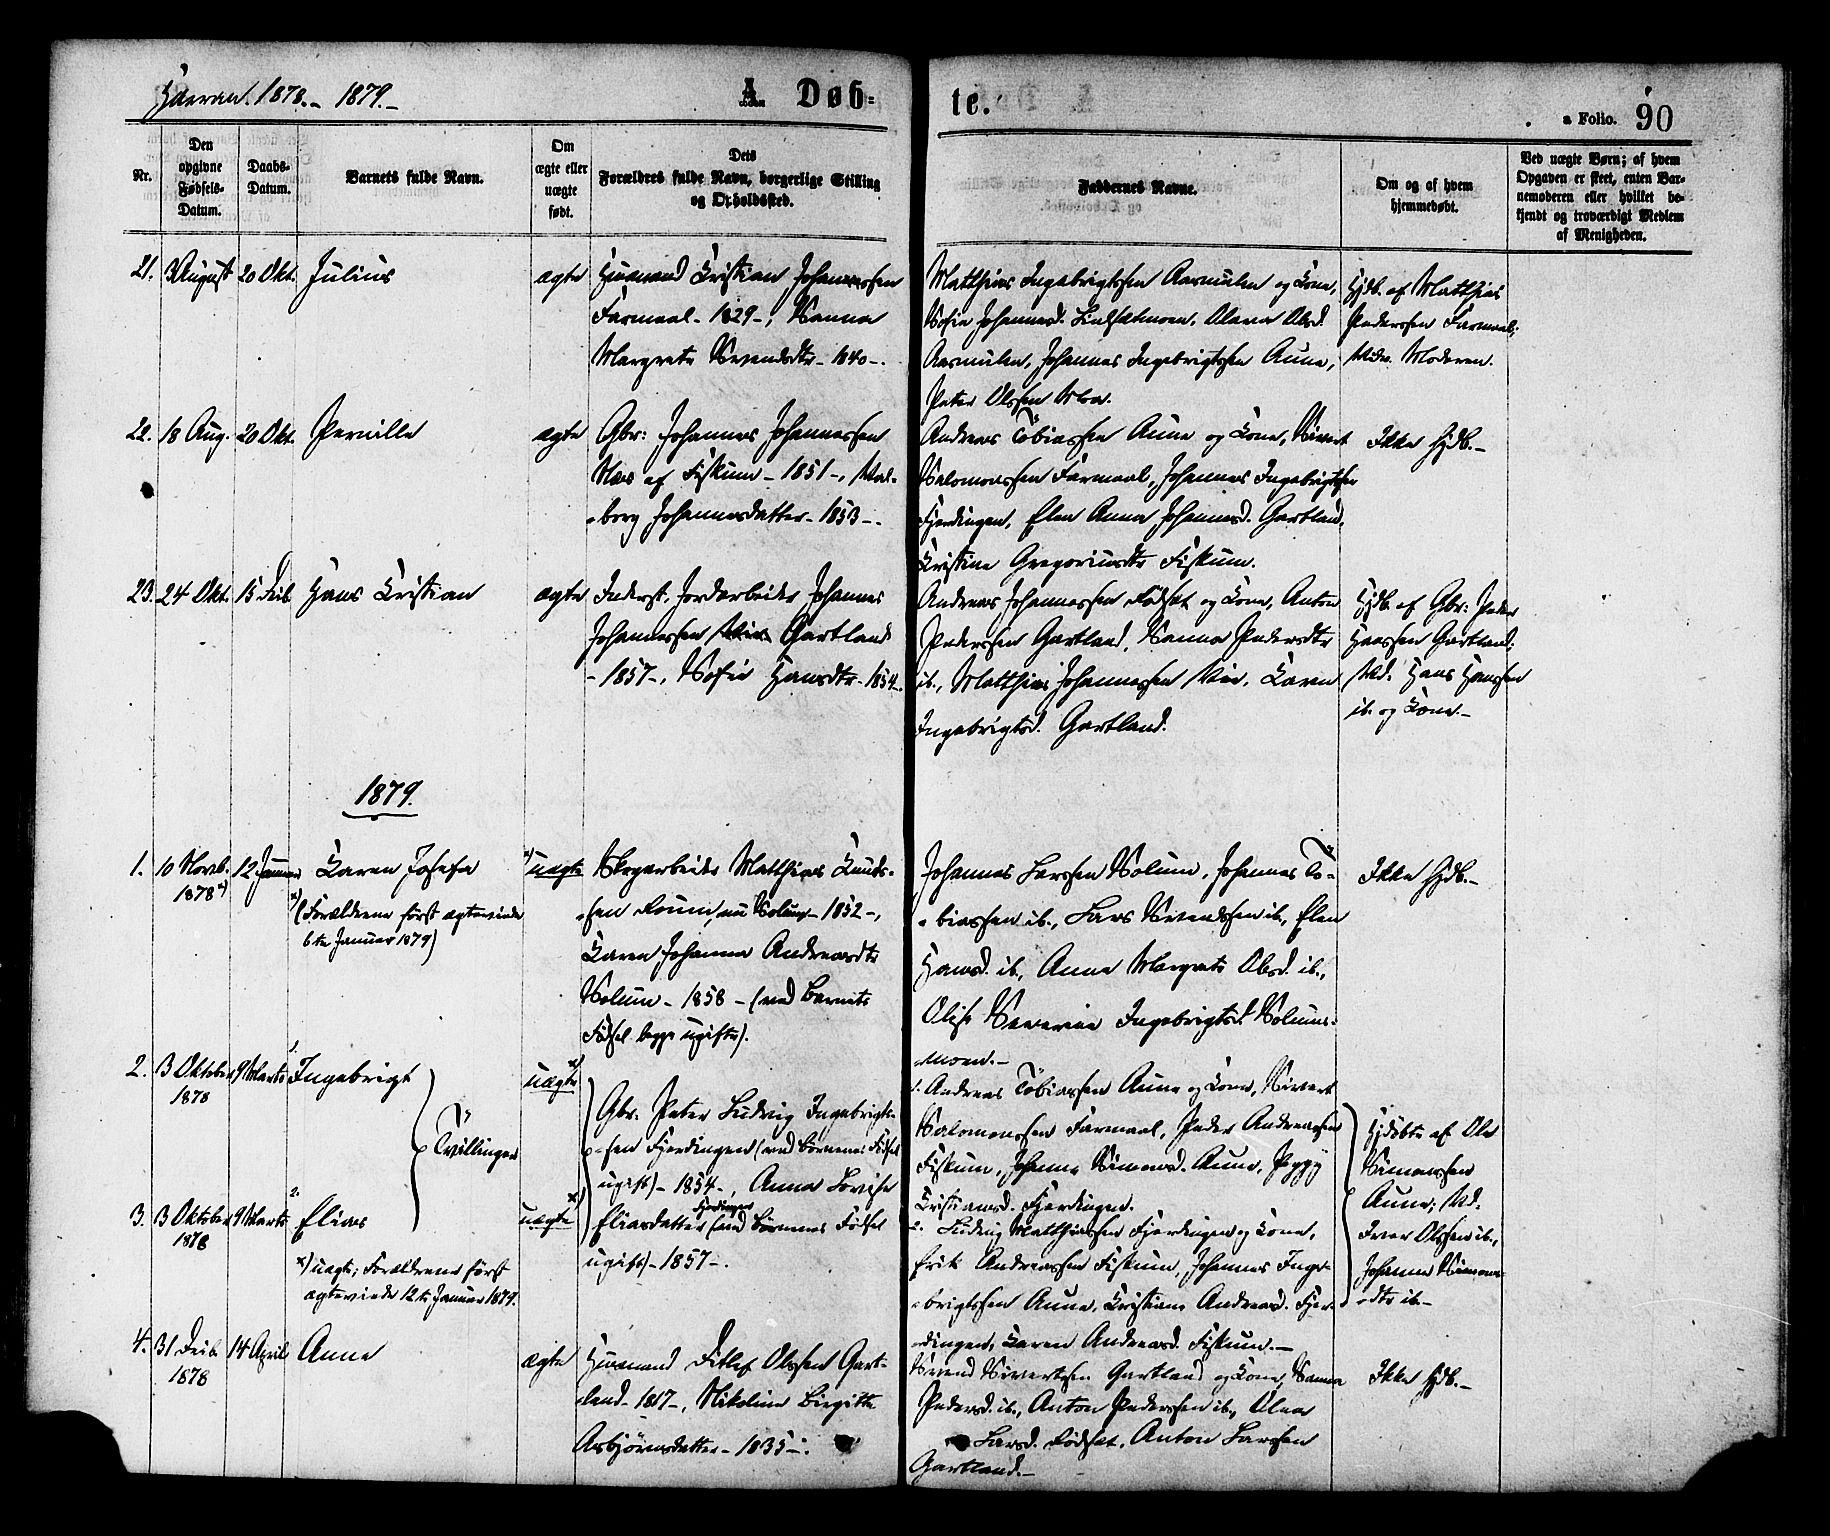 SAT, Ministerialprotokoller, klokkerbøker og fødselsregistre - Nord-Trøndelag, 758/L0516: Ministerialbok nr. 758A03 /3, 1869-1879, s. 90